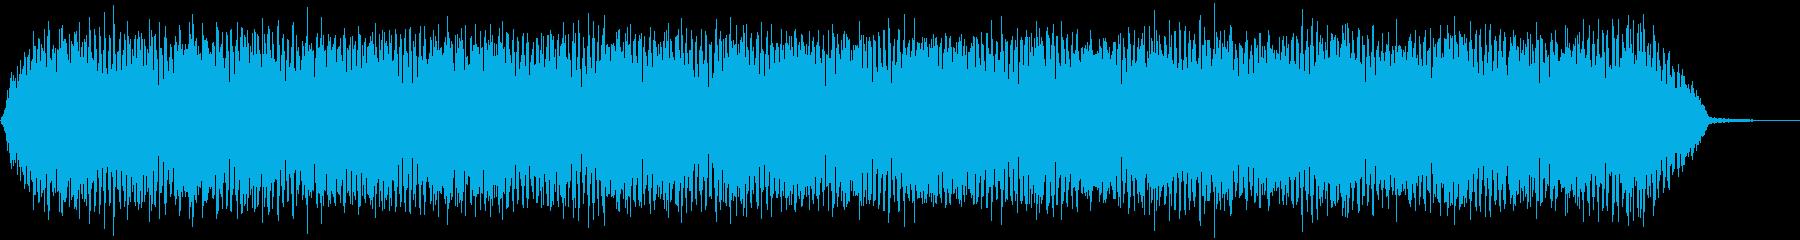 【アンビエント】ドローン_43 実験音の再生済みの波形